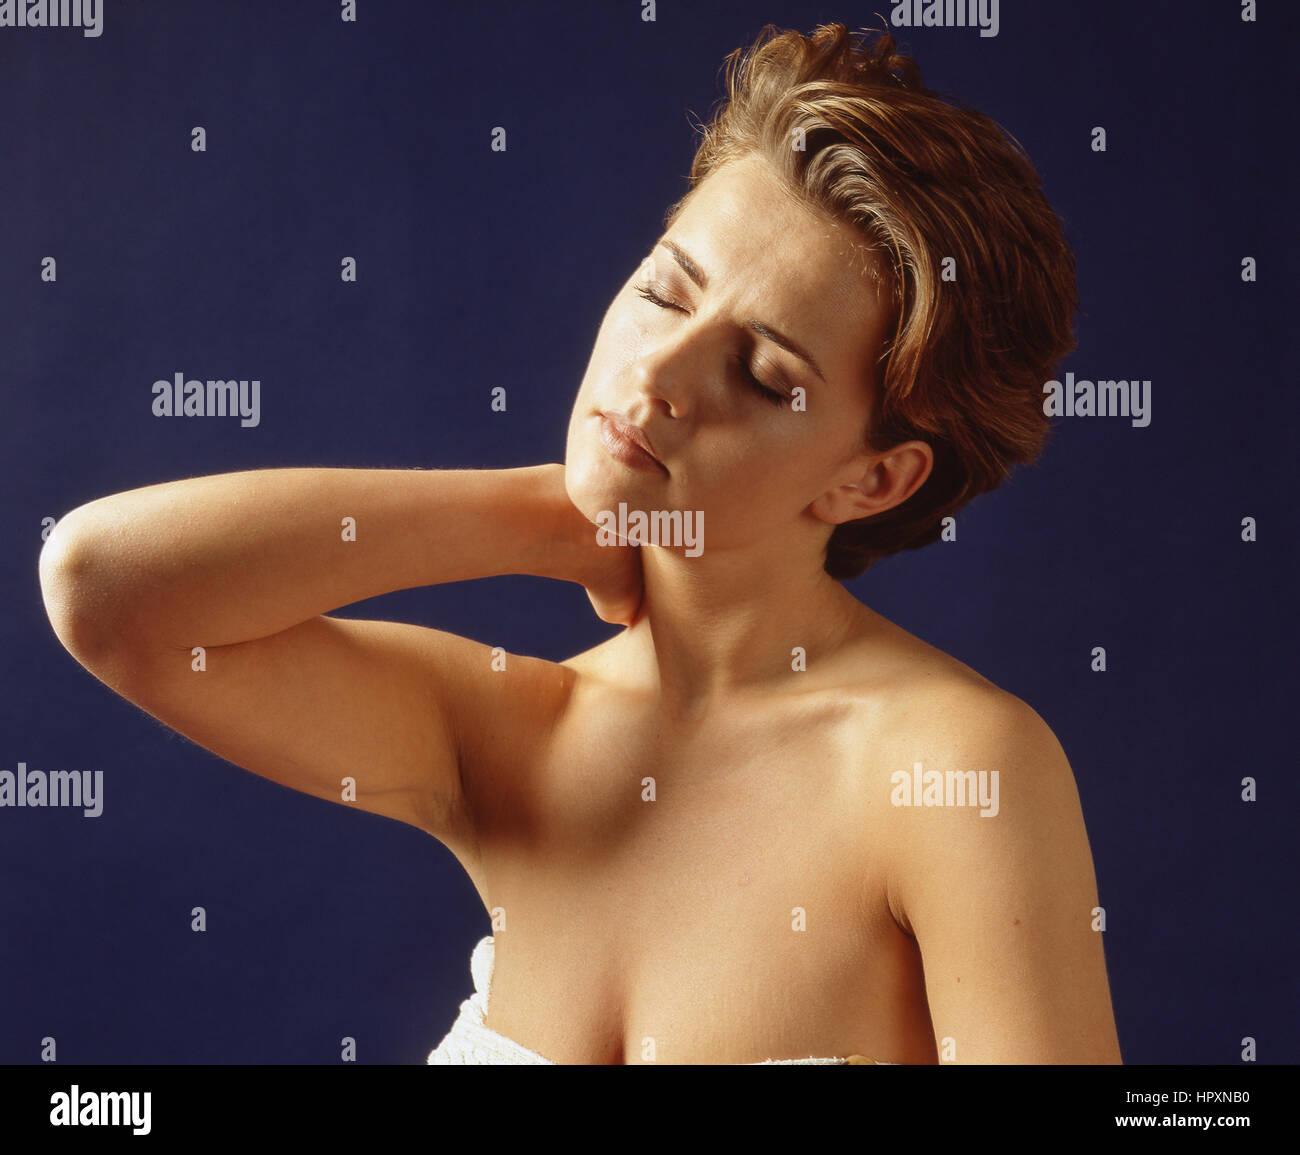 Junge Frau erleben Hals Schmerzen, London, England, Vereinigtes Königreich Stockbild